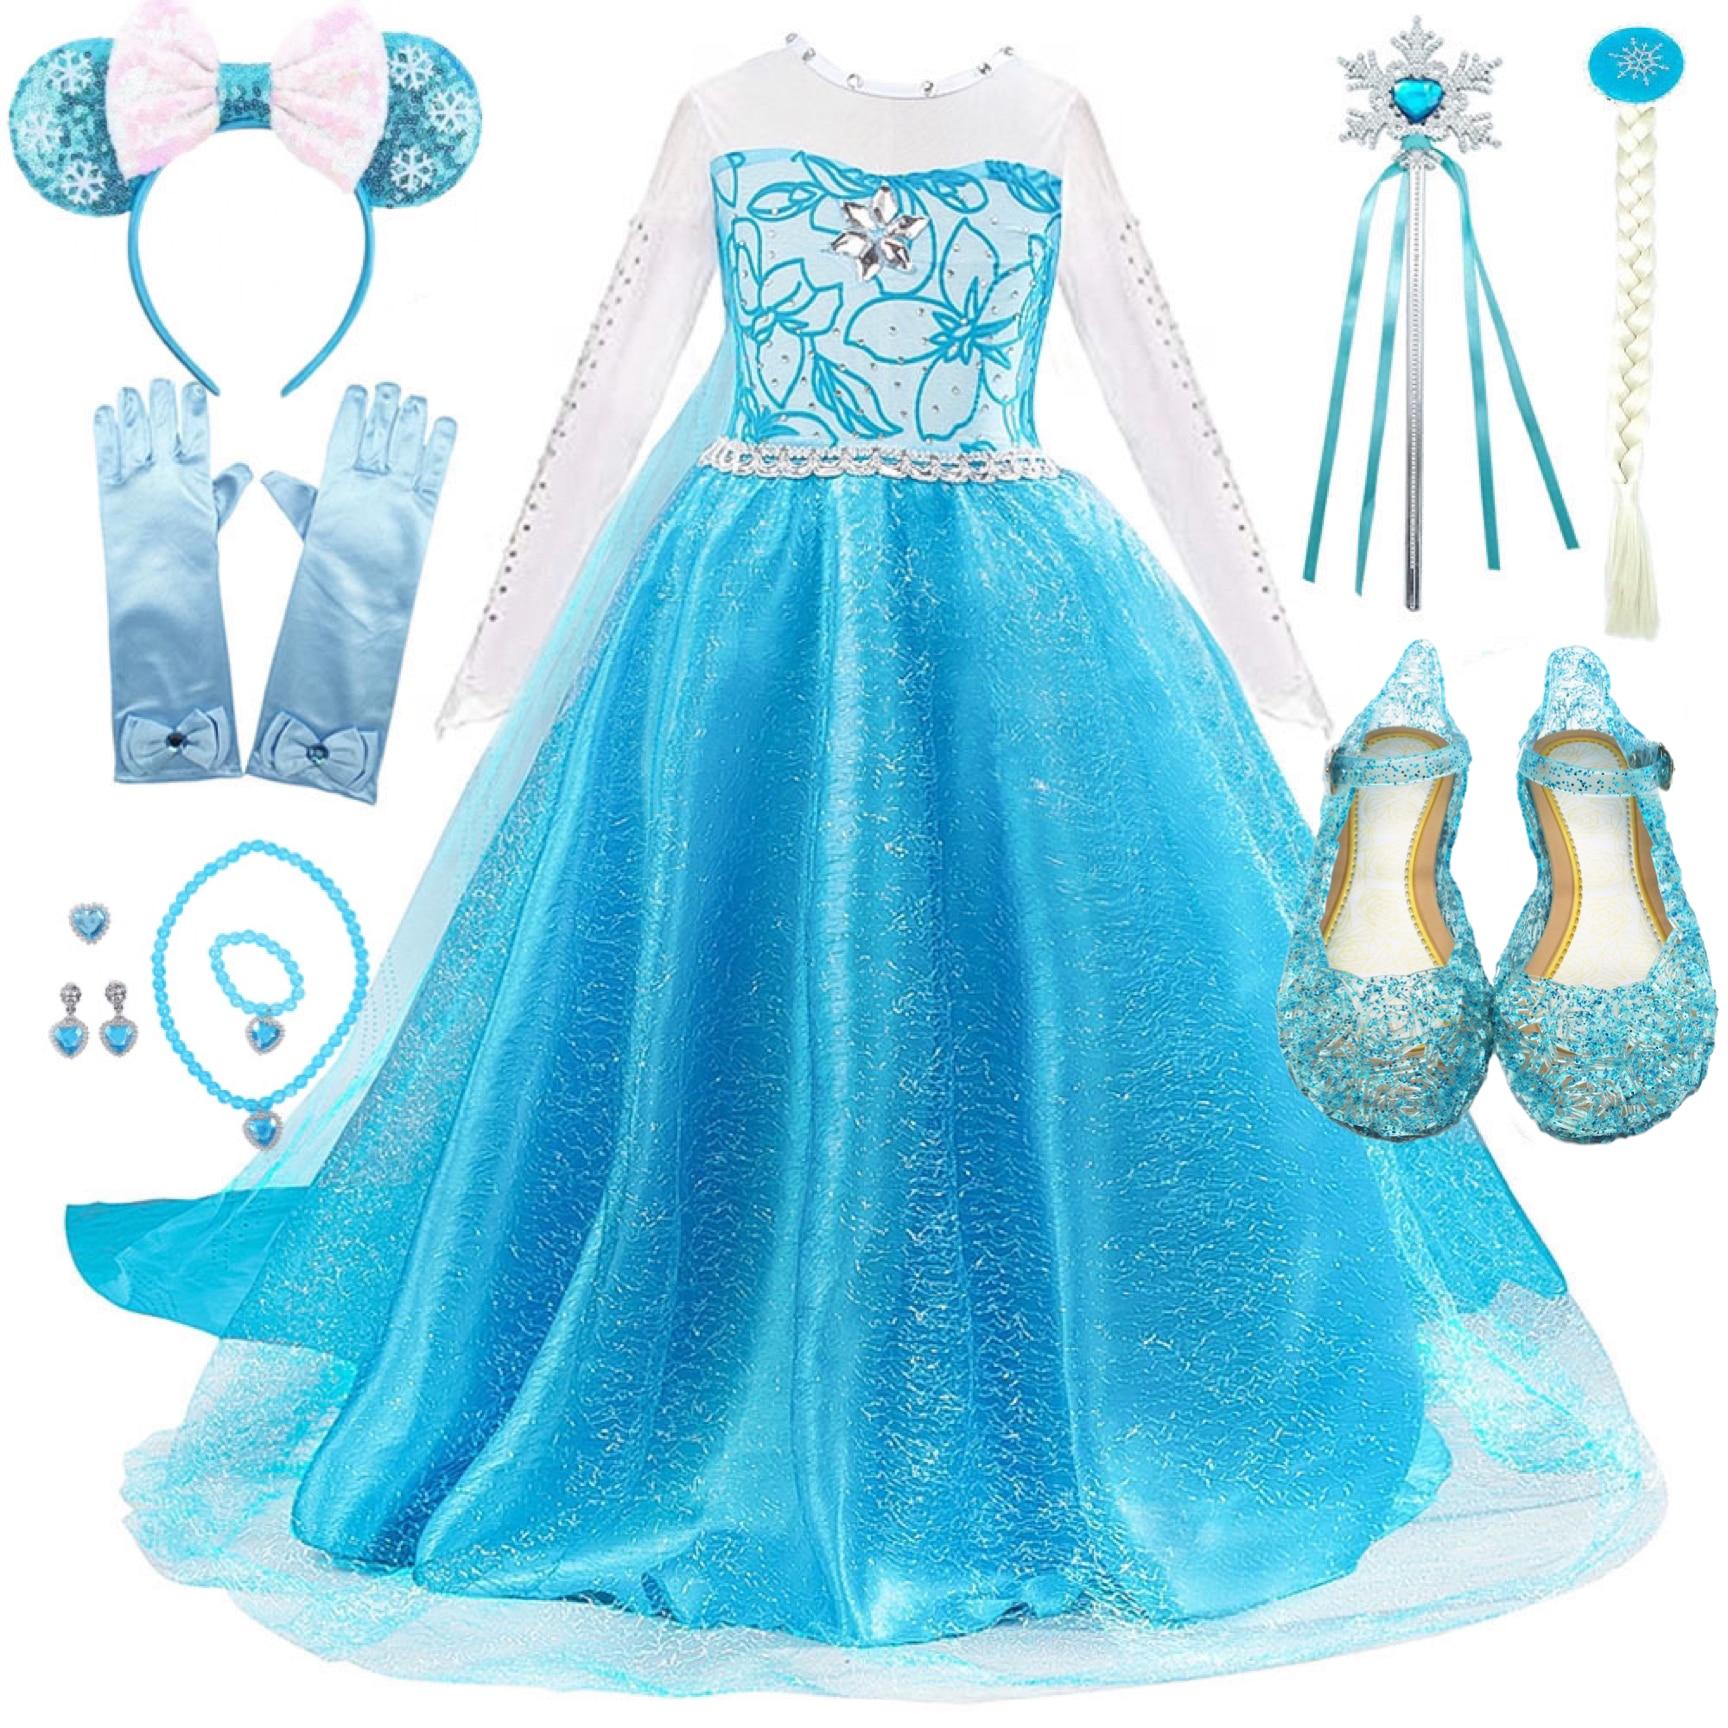 м мадера долина эдельвейсов и день рождения принцессы Платье принцессы снег Queen2 девушки фантазии Анна Эльза Костюм День рождения Косплей одежда с длинным плащ парик Vestido XH28